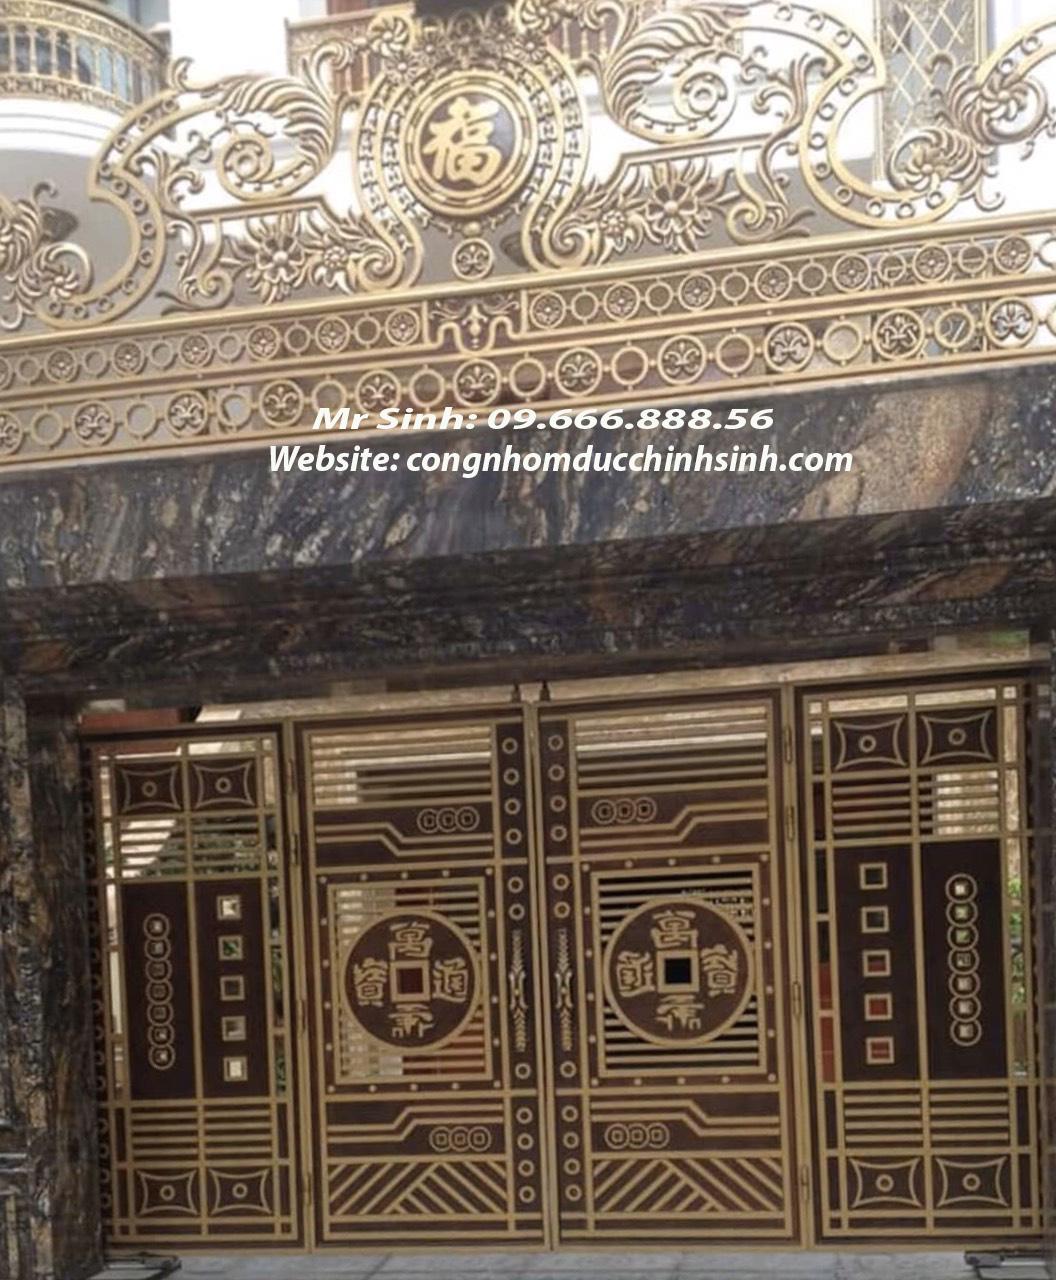 cổng nhôm đúc - C00143